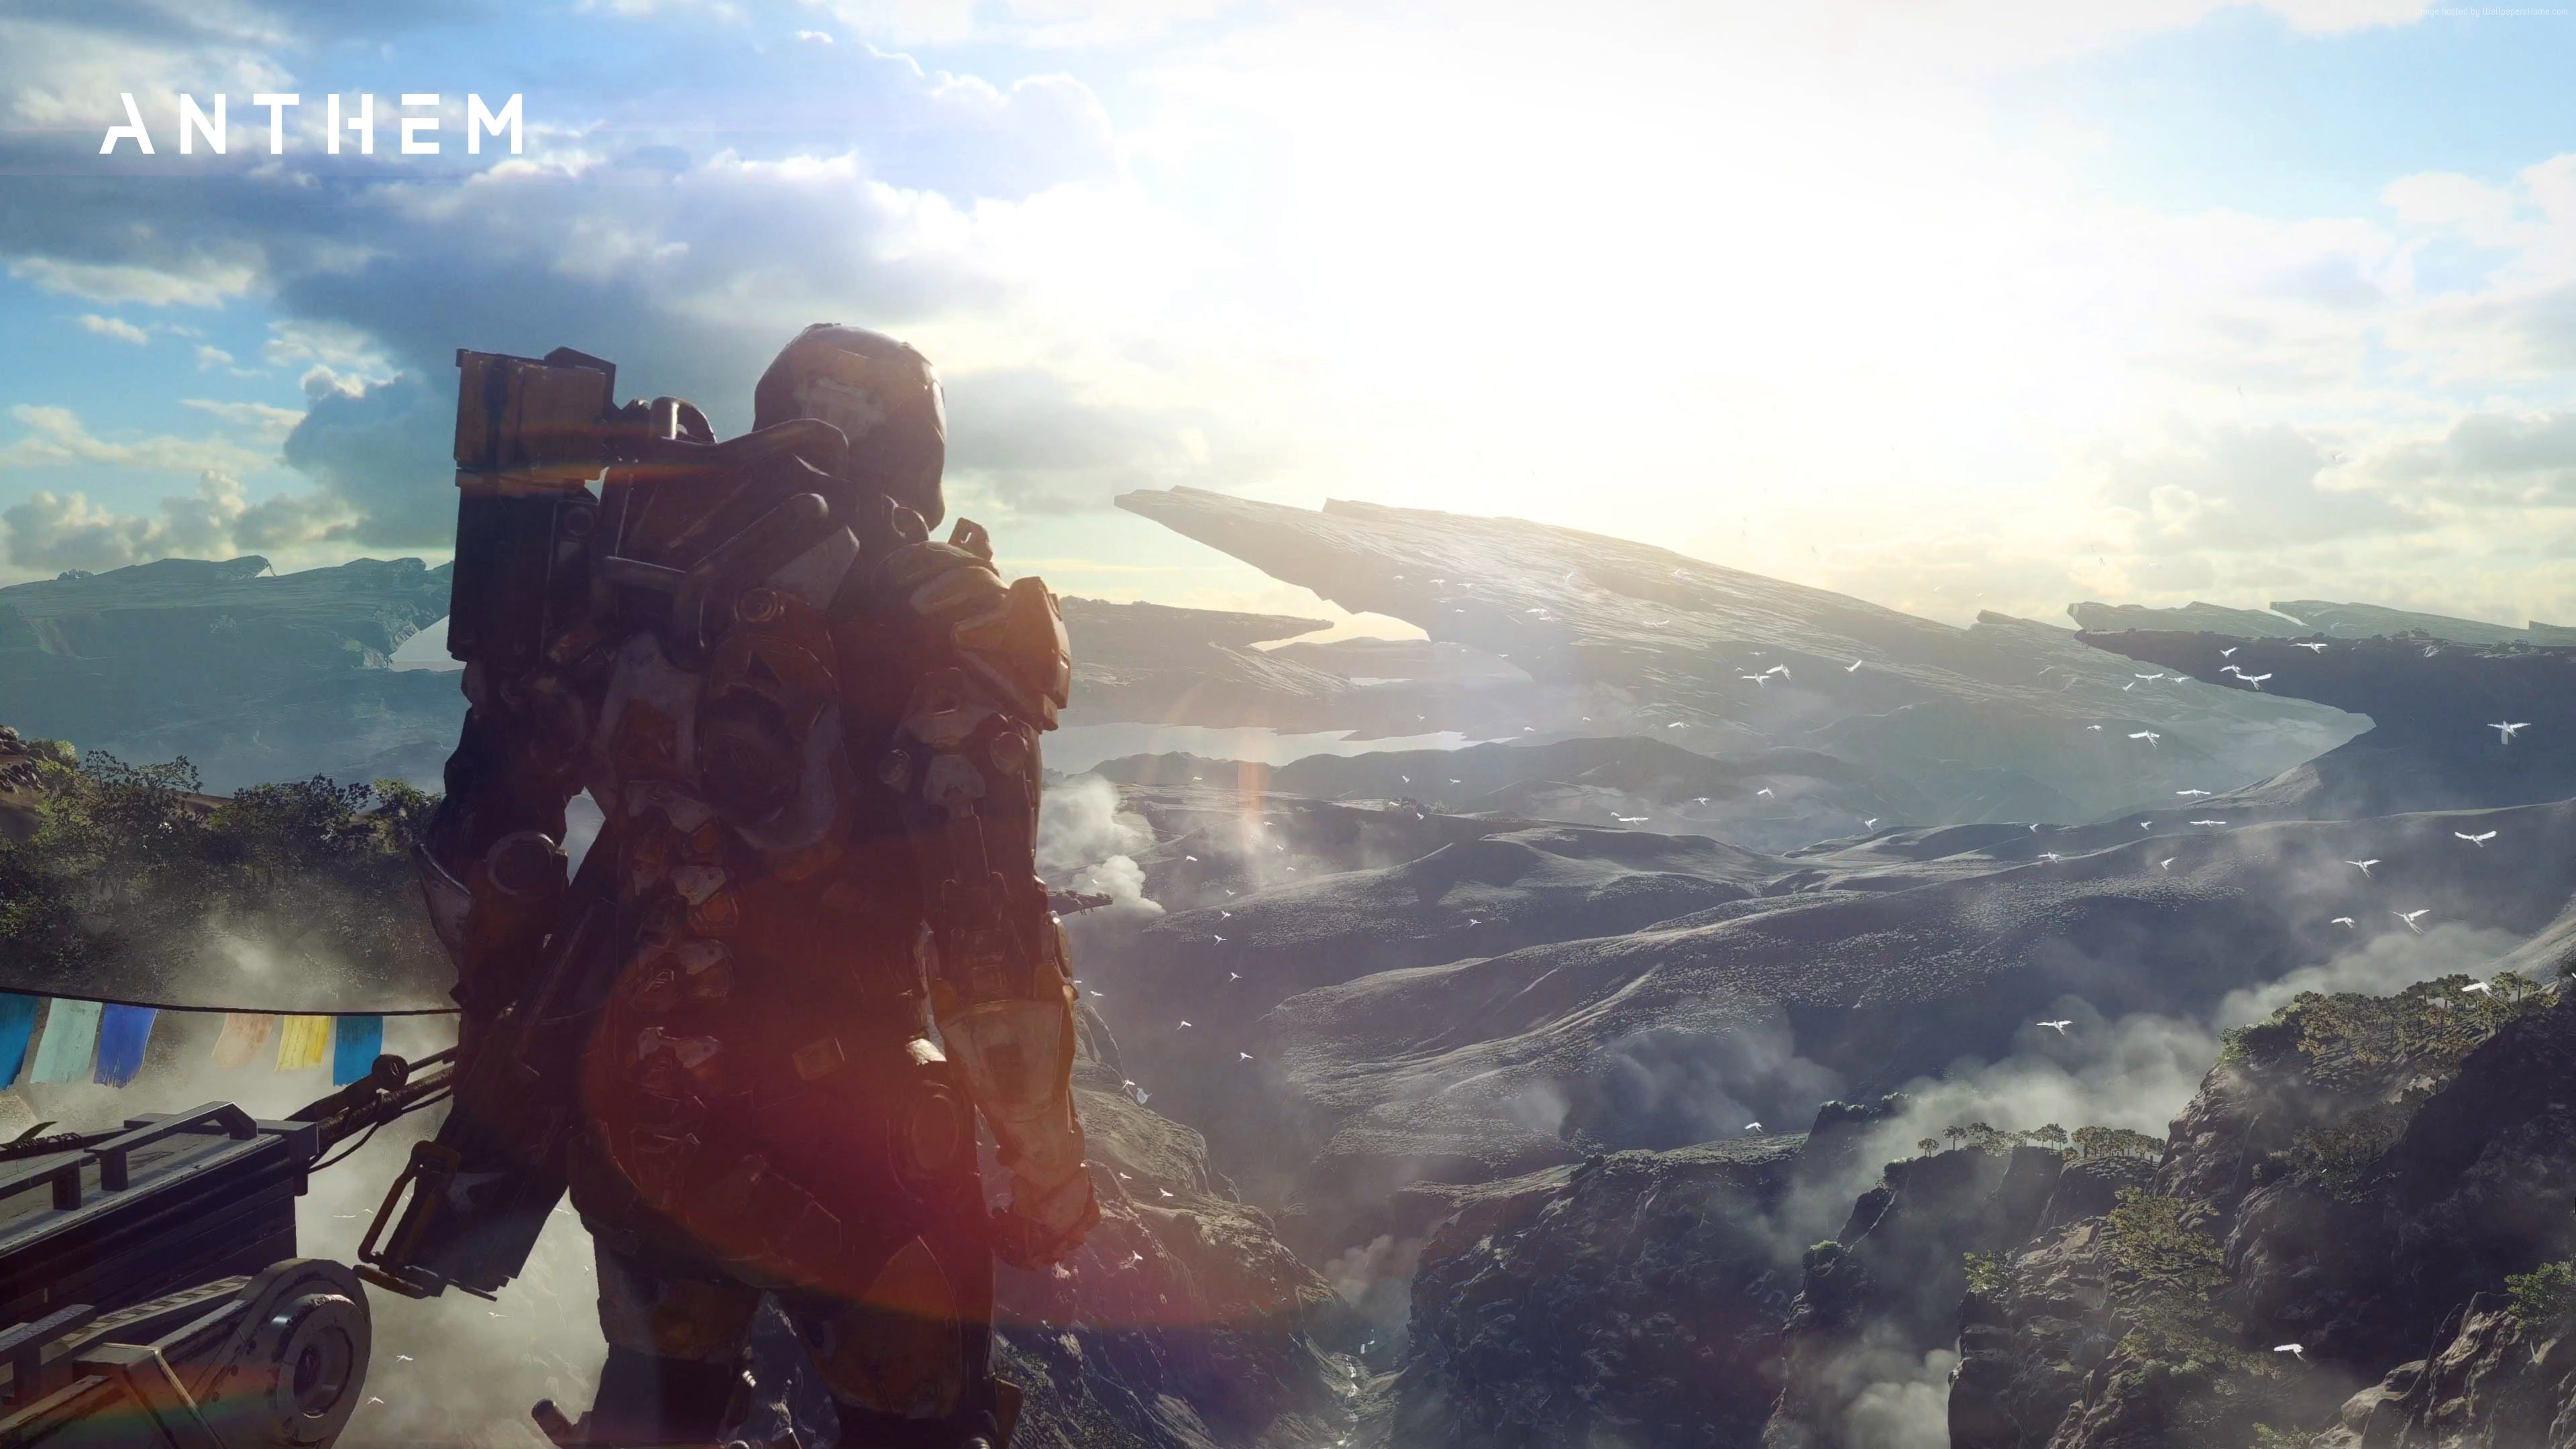 گیمپلی جدید Anthem با رزولوشن ۴K فوقالعاده به نظر میرسد